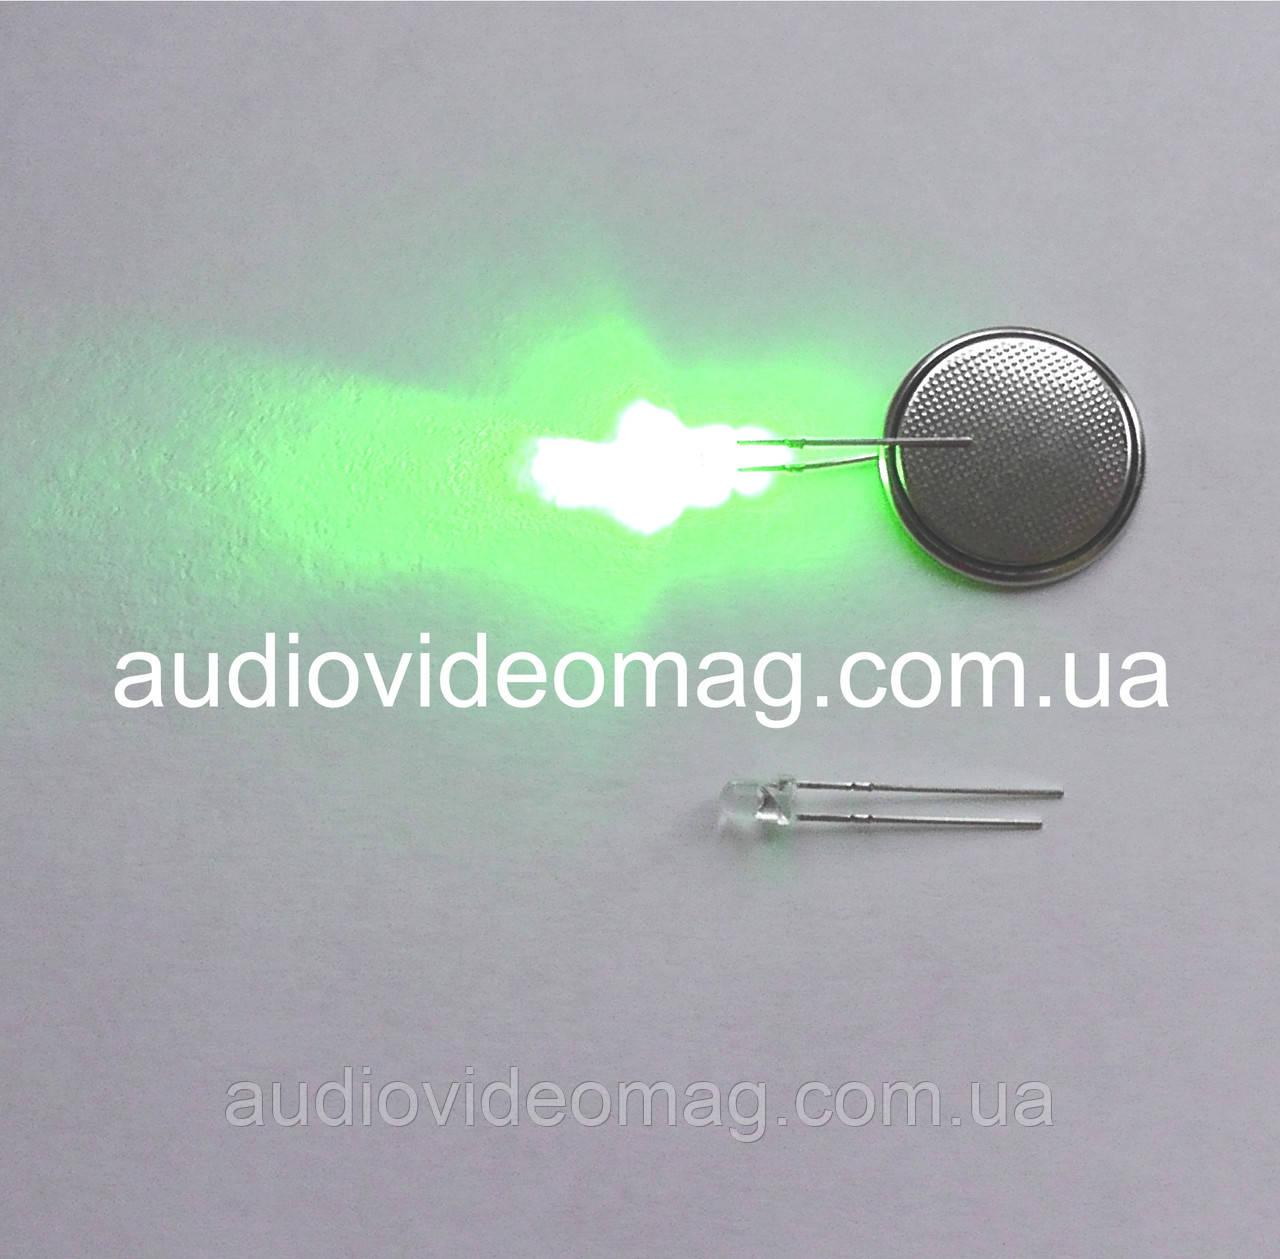 Светодиод 3V 3 мм, прозрачный, цвет зеленый